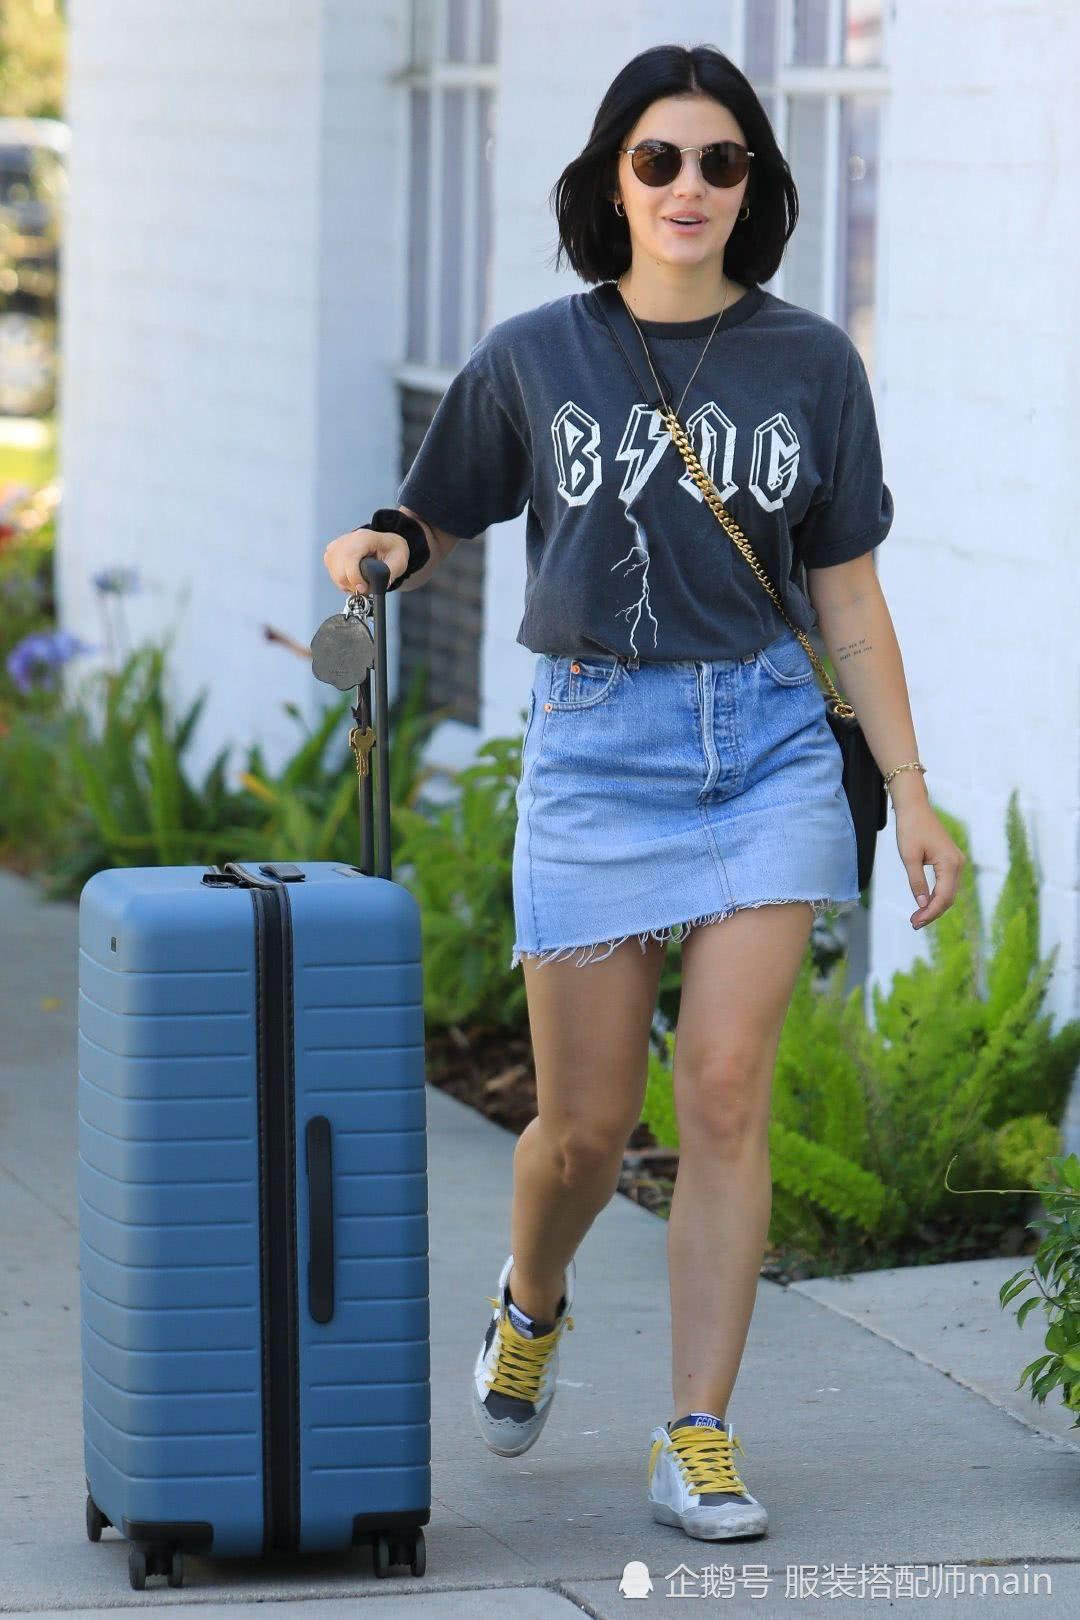 30岁露西海尔亮相街头,T恤搭牛仔裙时髦减龄,轻松凹出好比例